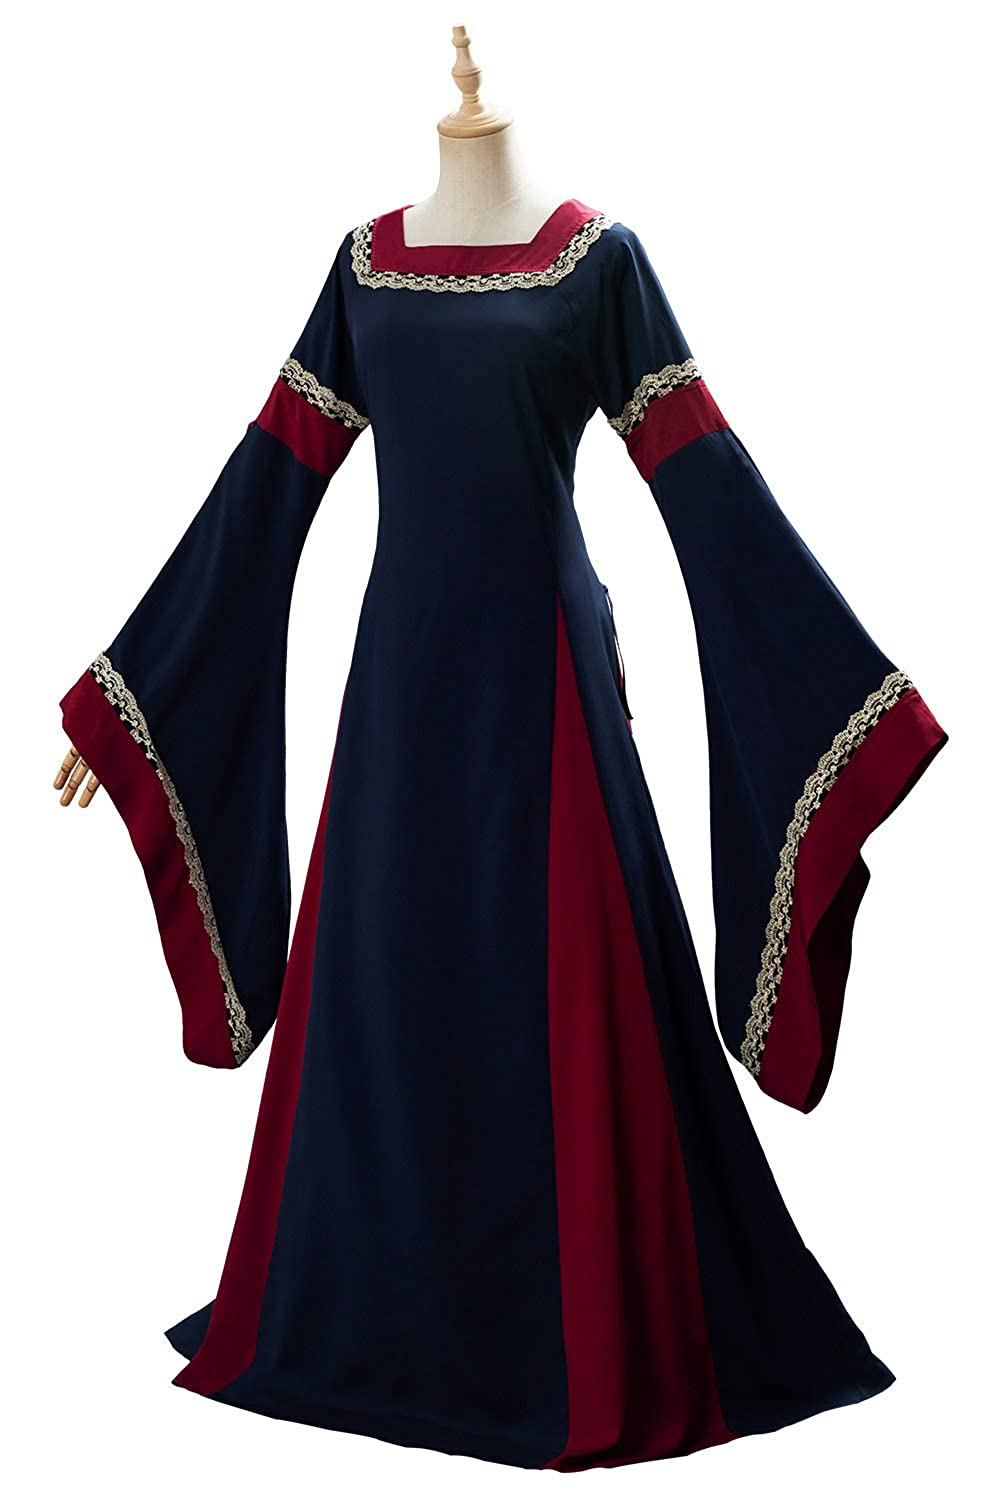 Vestido de Traje Medieval Vestido renacentista para Mujer Vestido ...